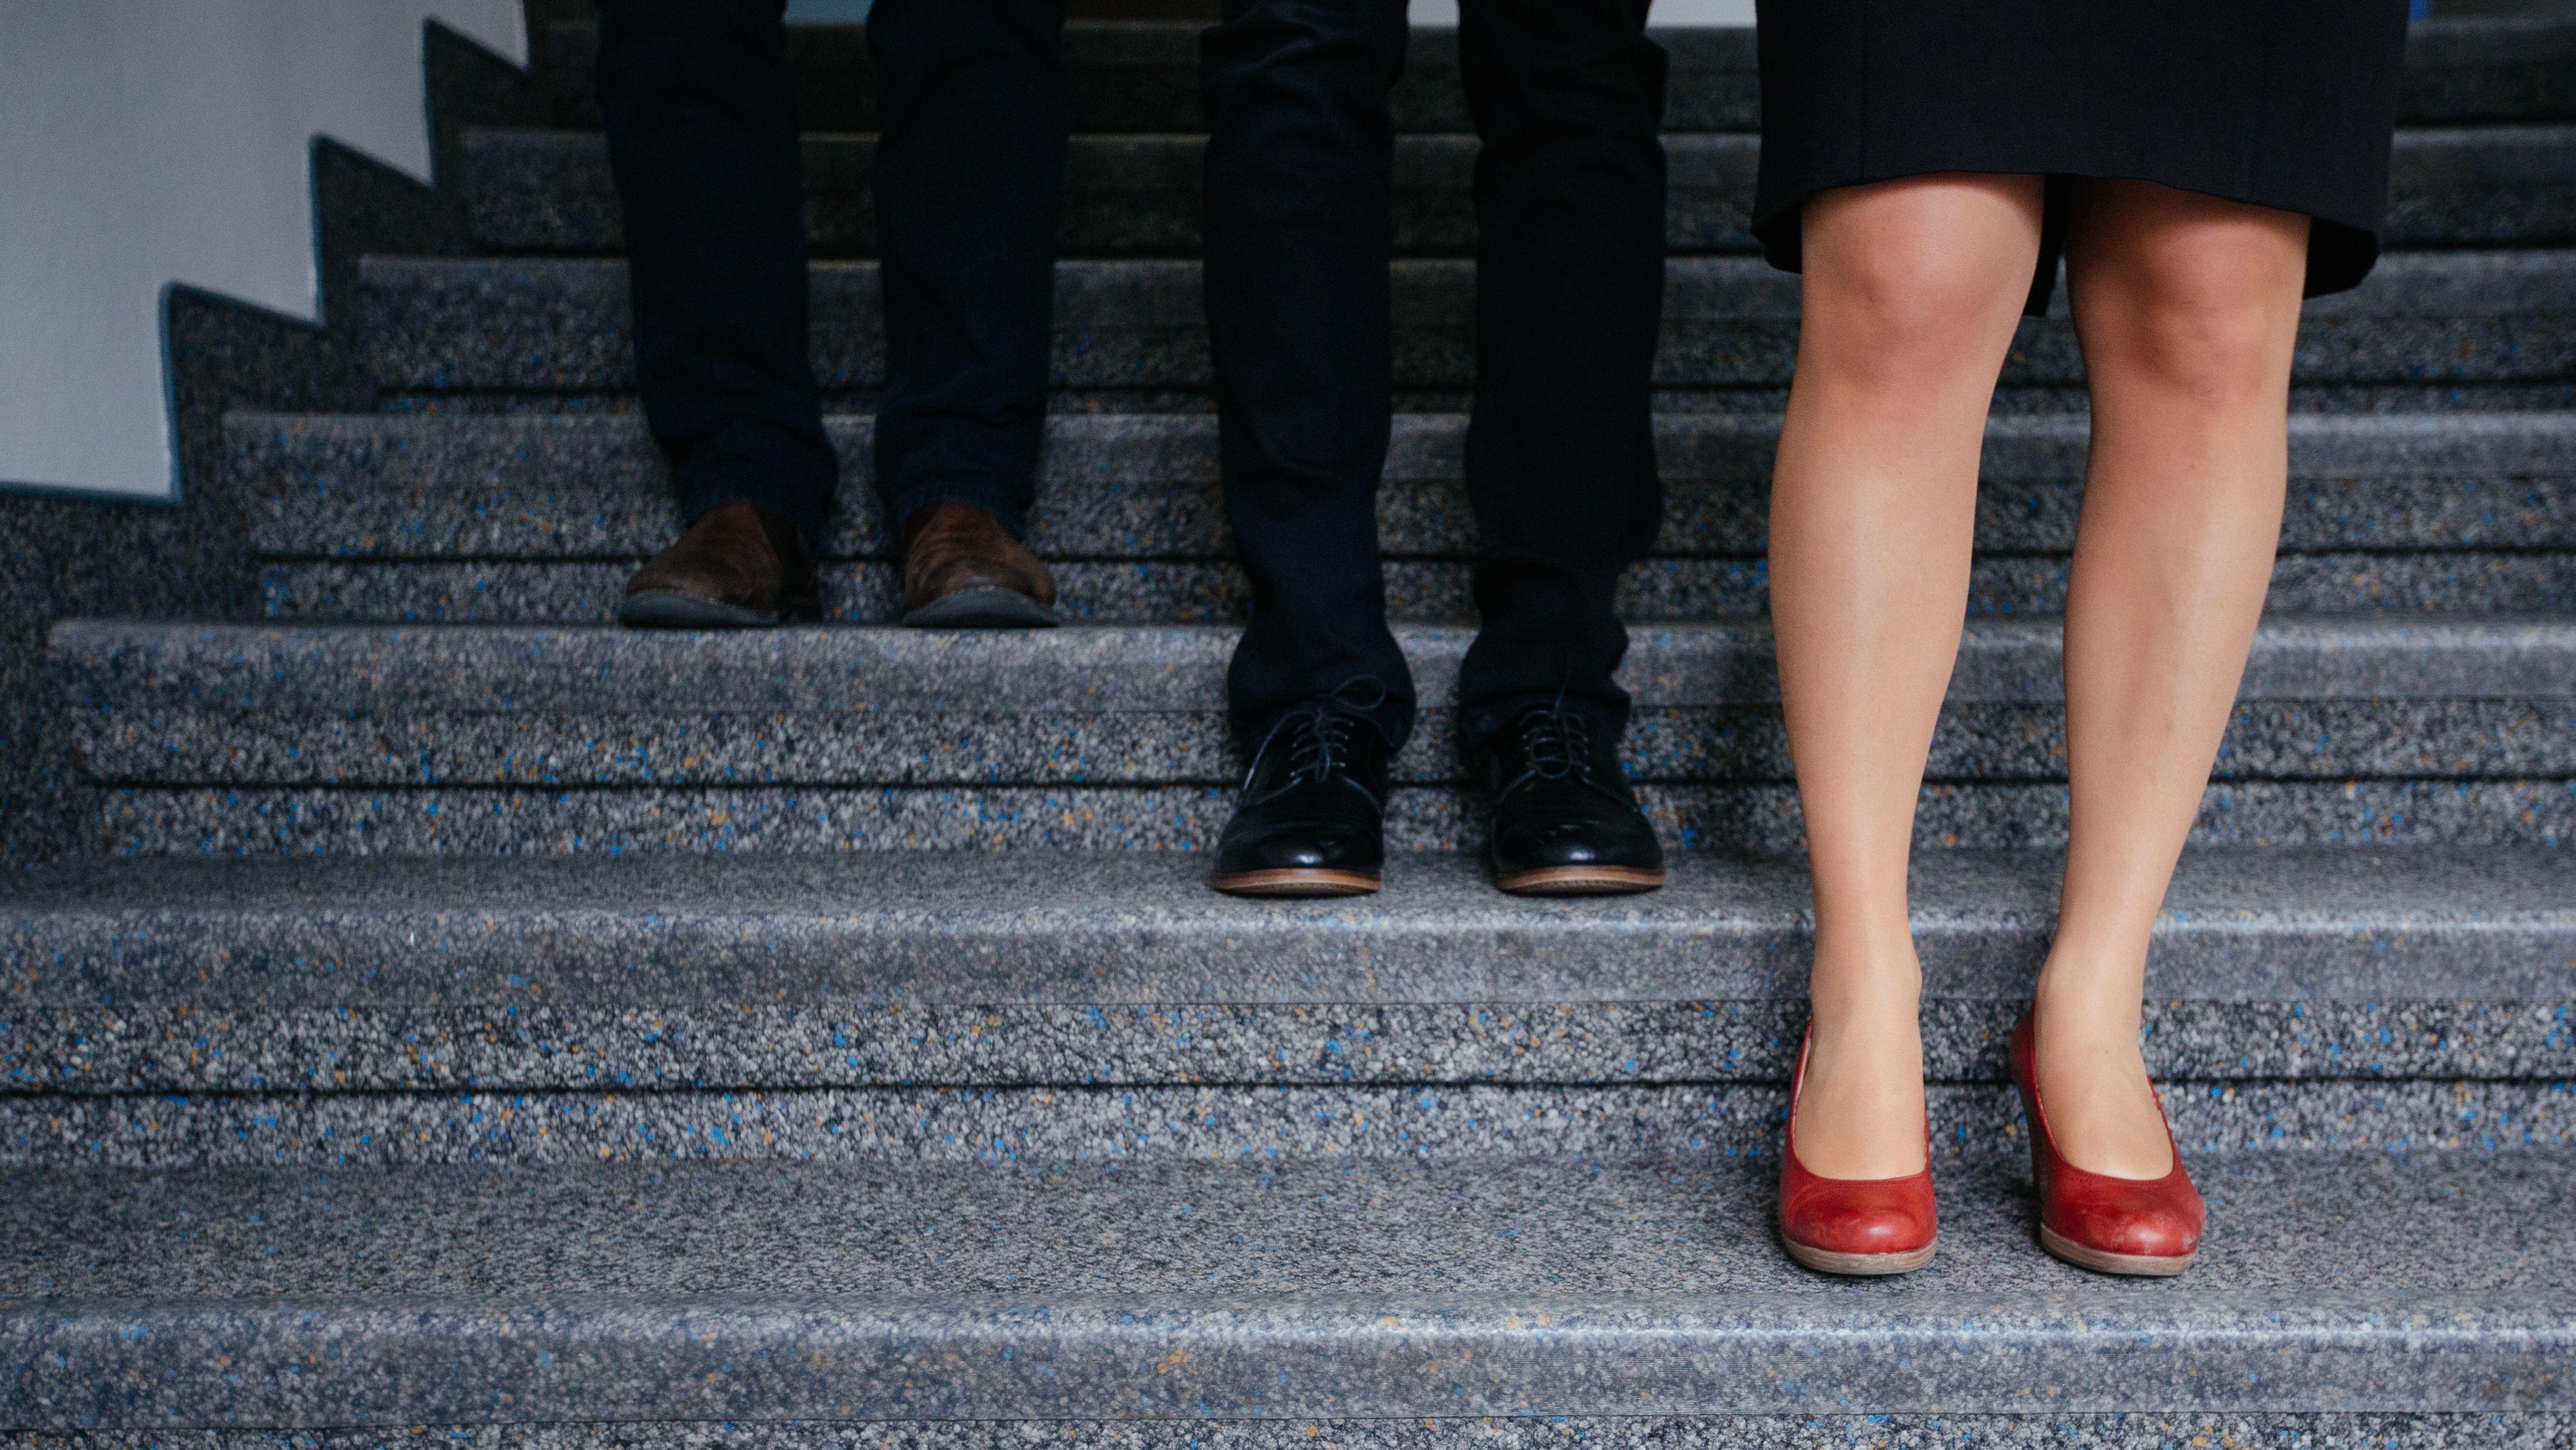 In einem Treppenhaus stehen abgestuft die Beinpaare zweier Männer und einer Frau, jeweils auf einer Stufe: die Männerbeine oben, die Frauenbeine auf der untersten Stufe